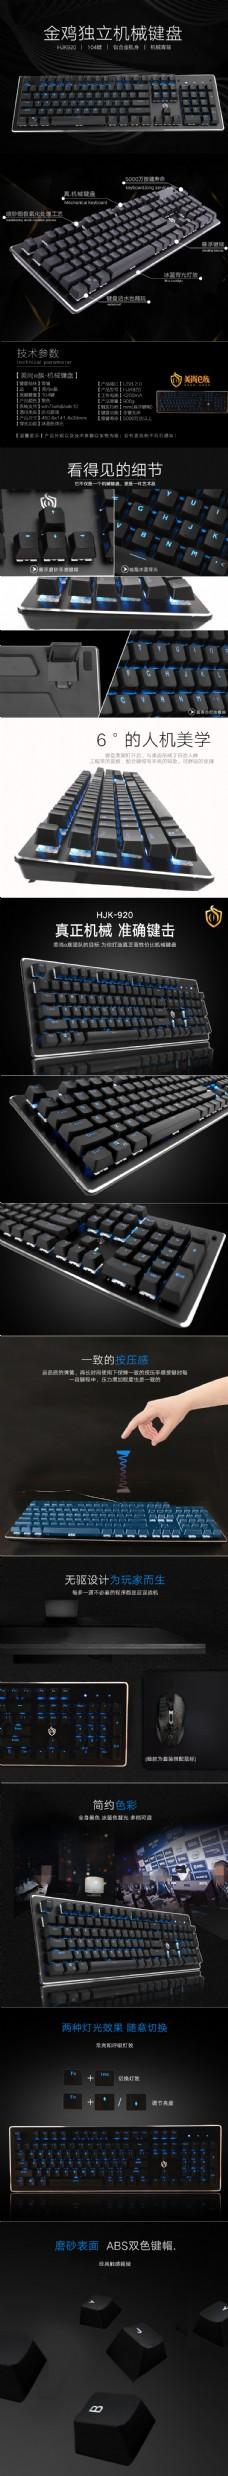 机械键盘详情